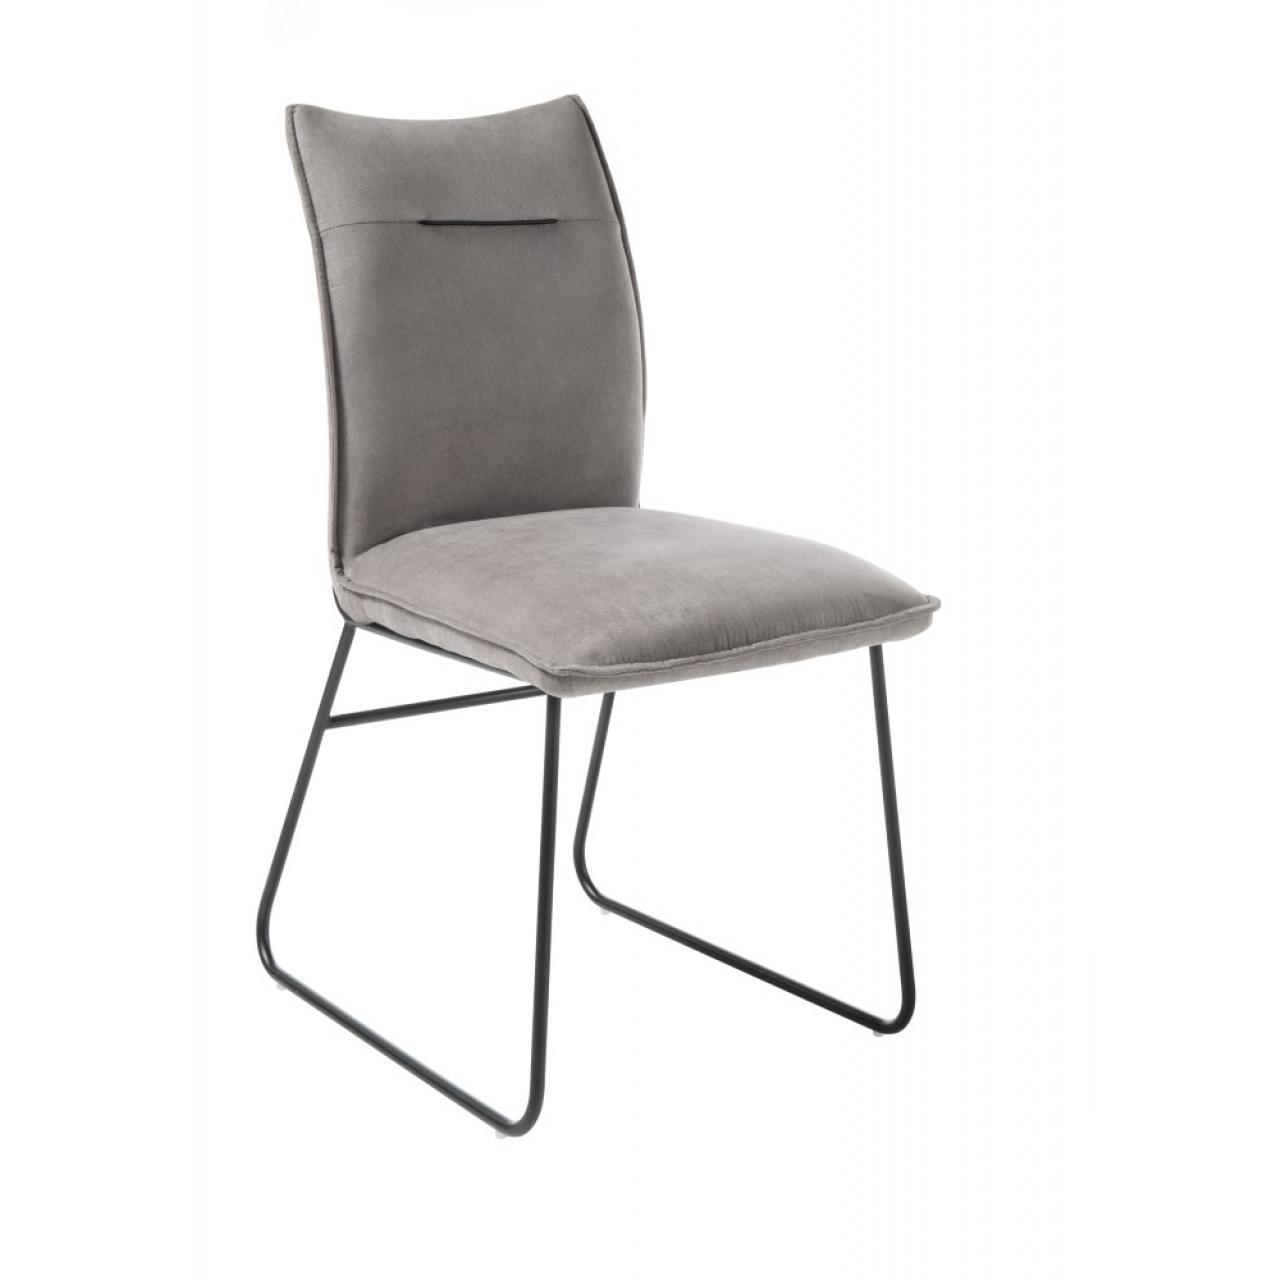 Stuhl Betty Taupe Schwarz Stoff Metall Esszimmerstuhl Küchenstuhl